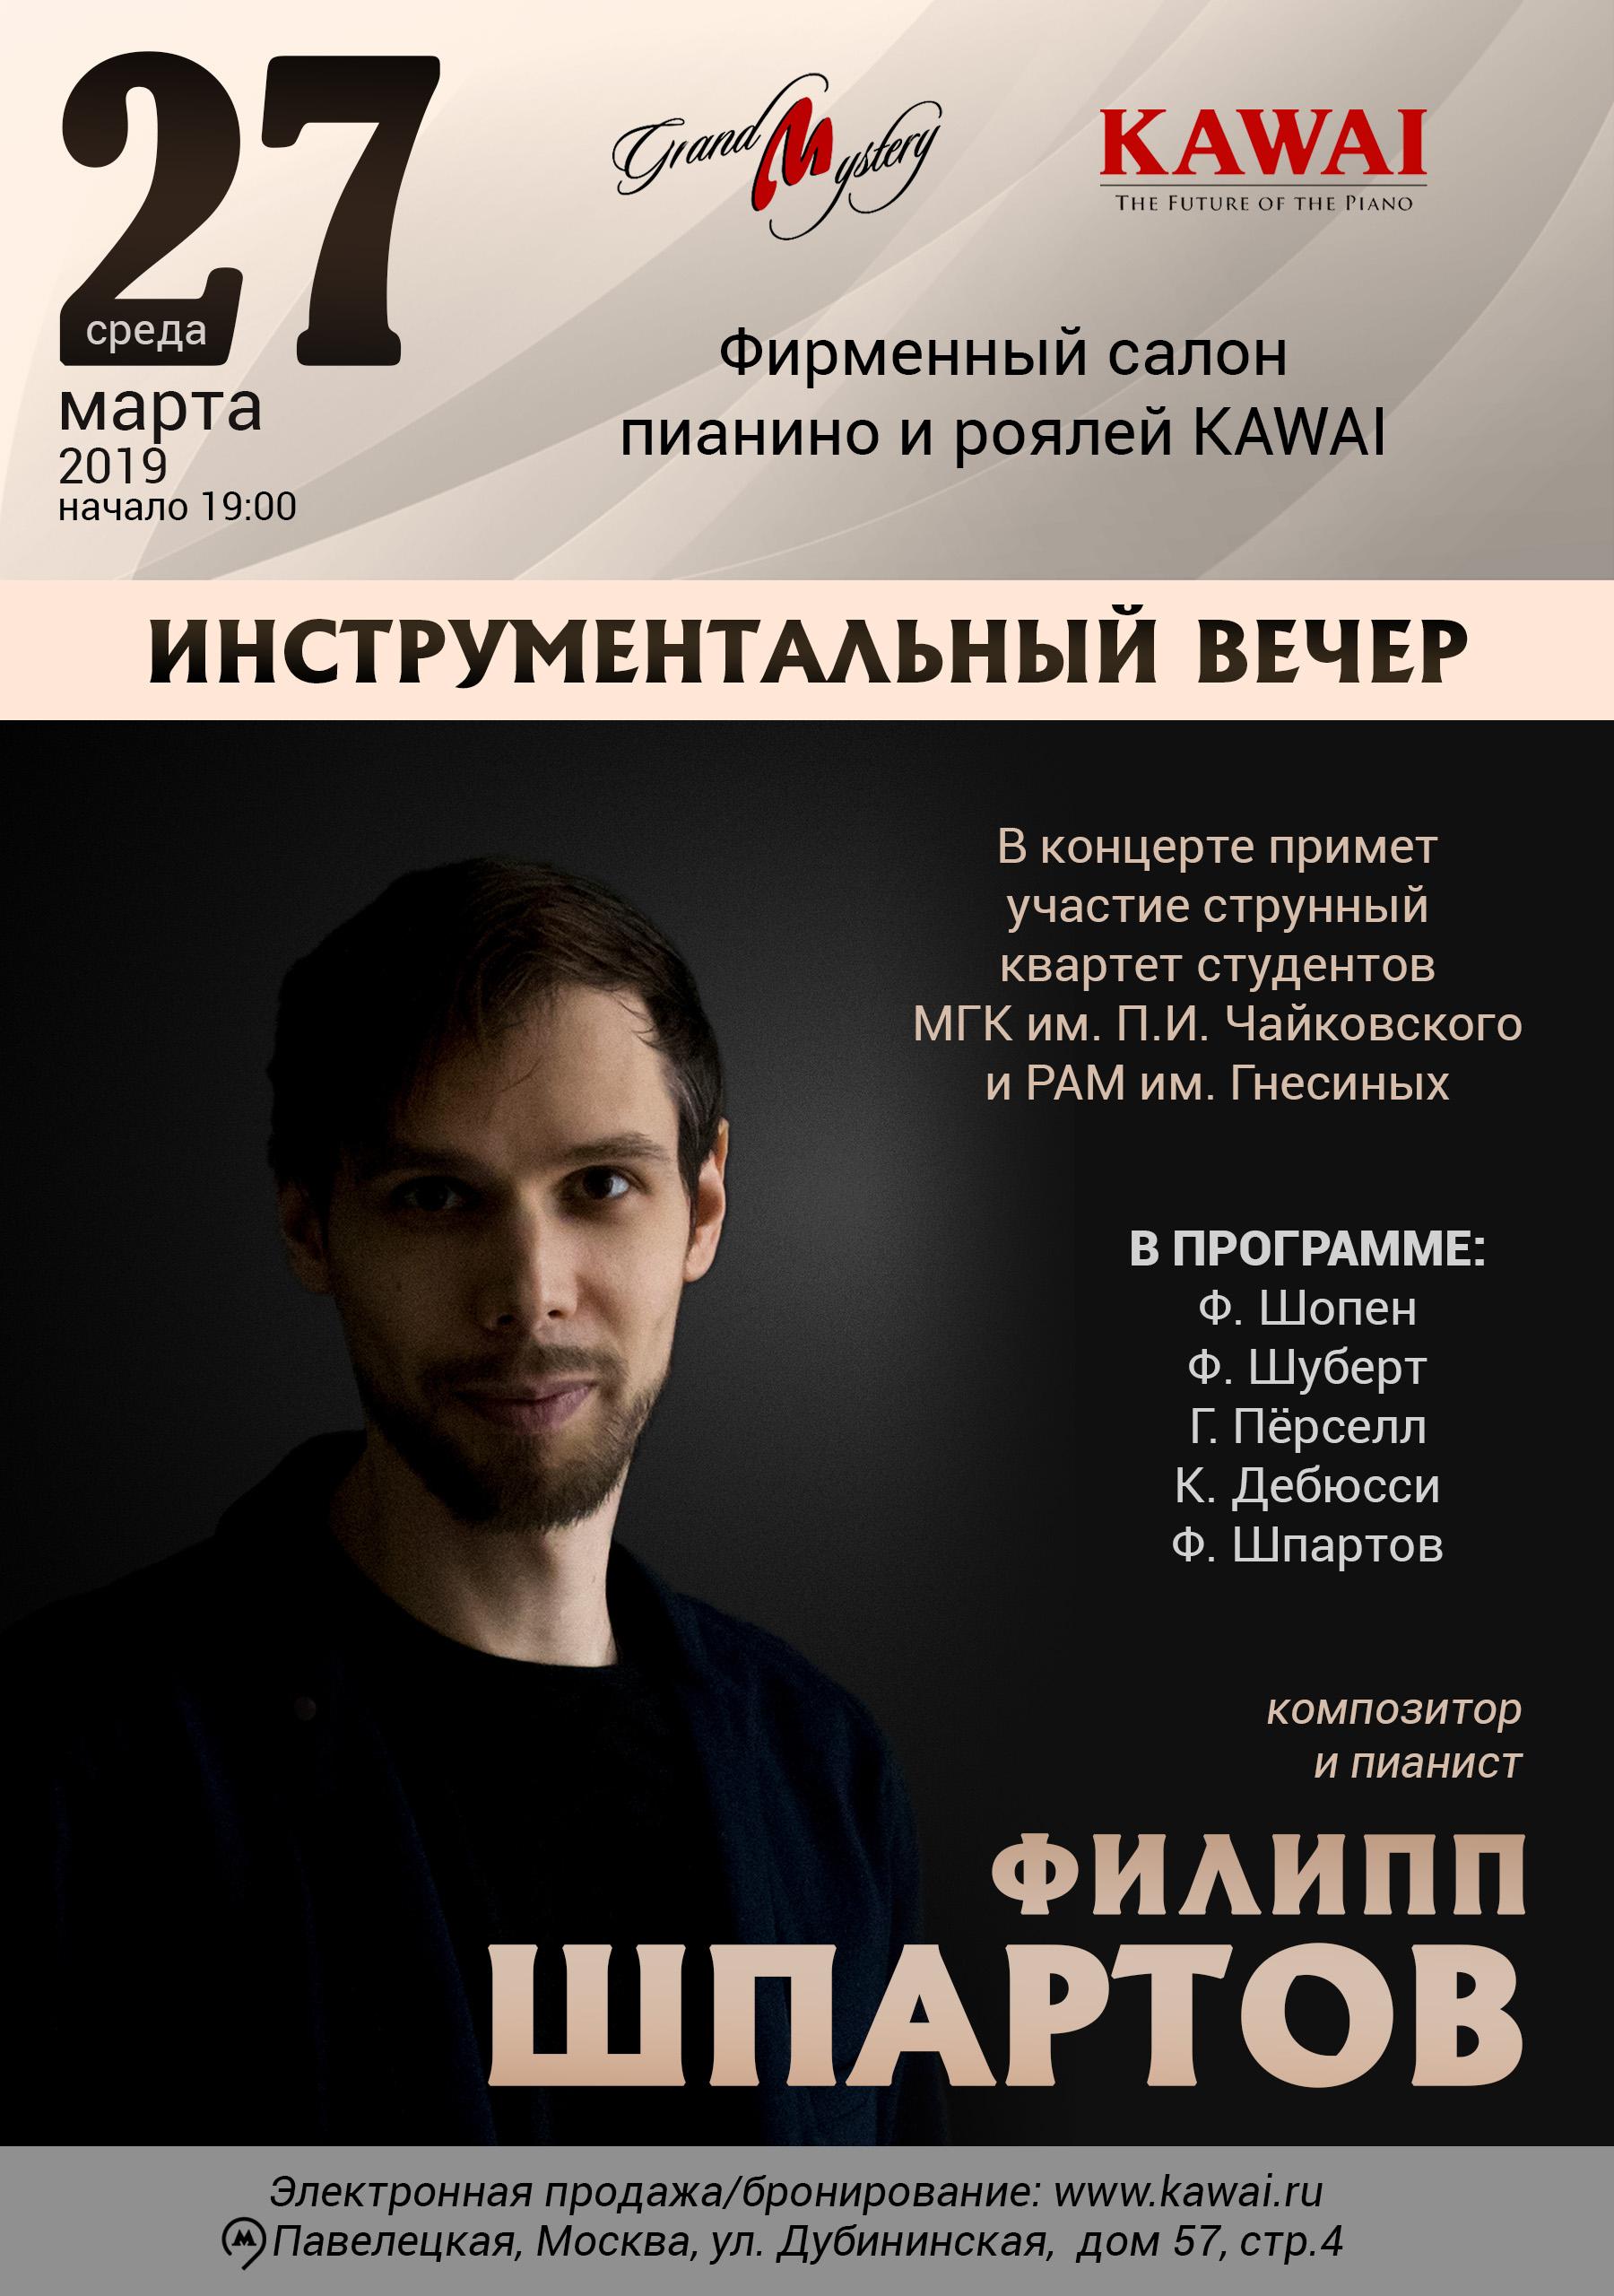 Концерт пианиста и композитора Филиппа Шпартова